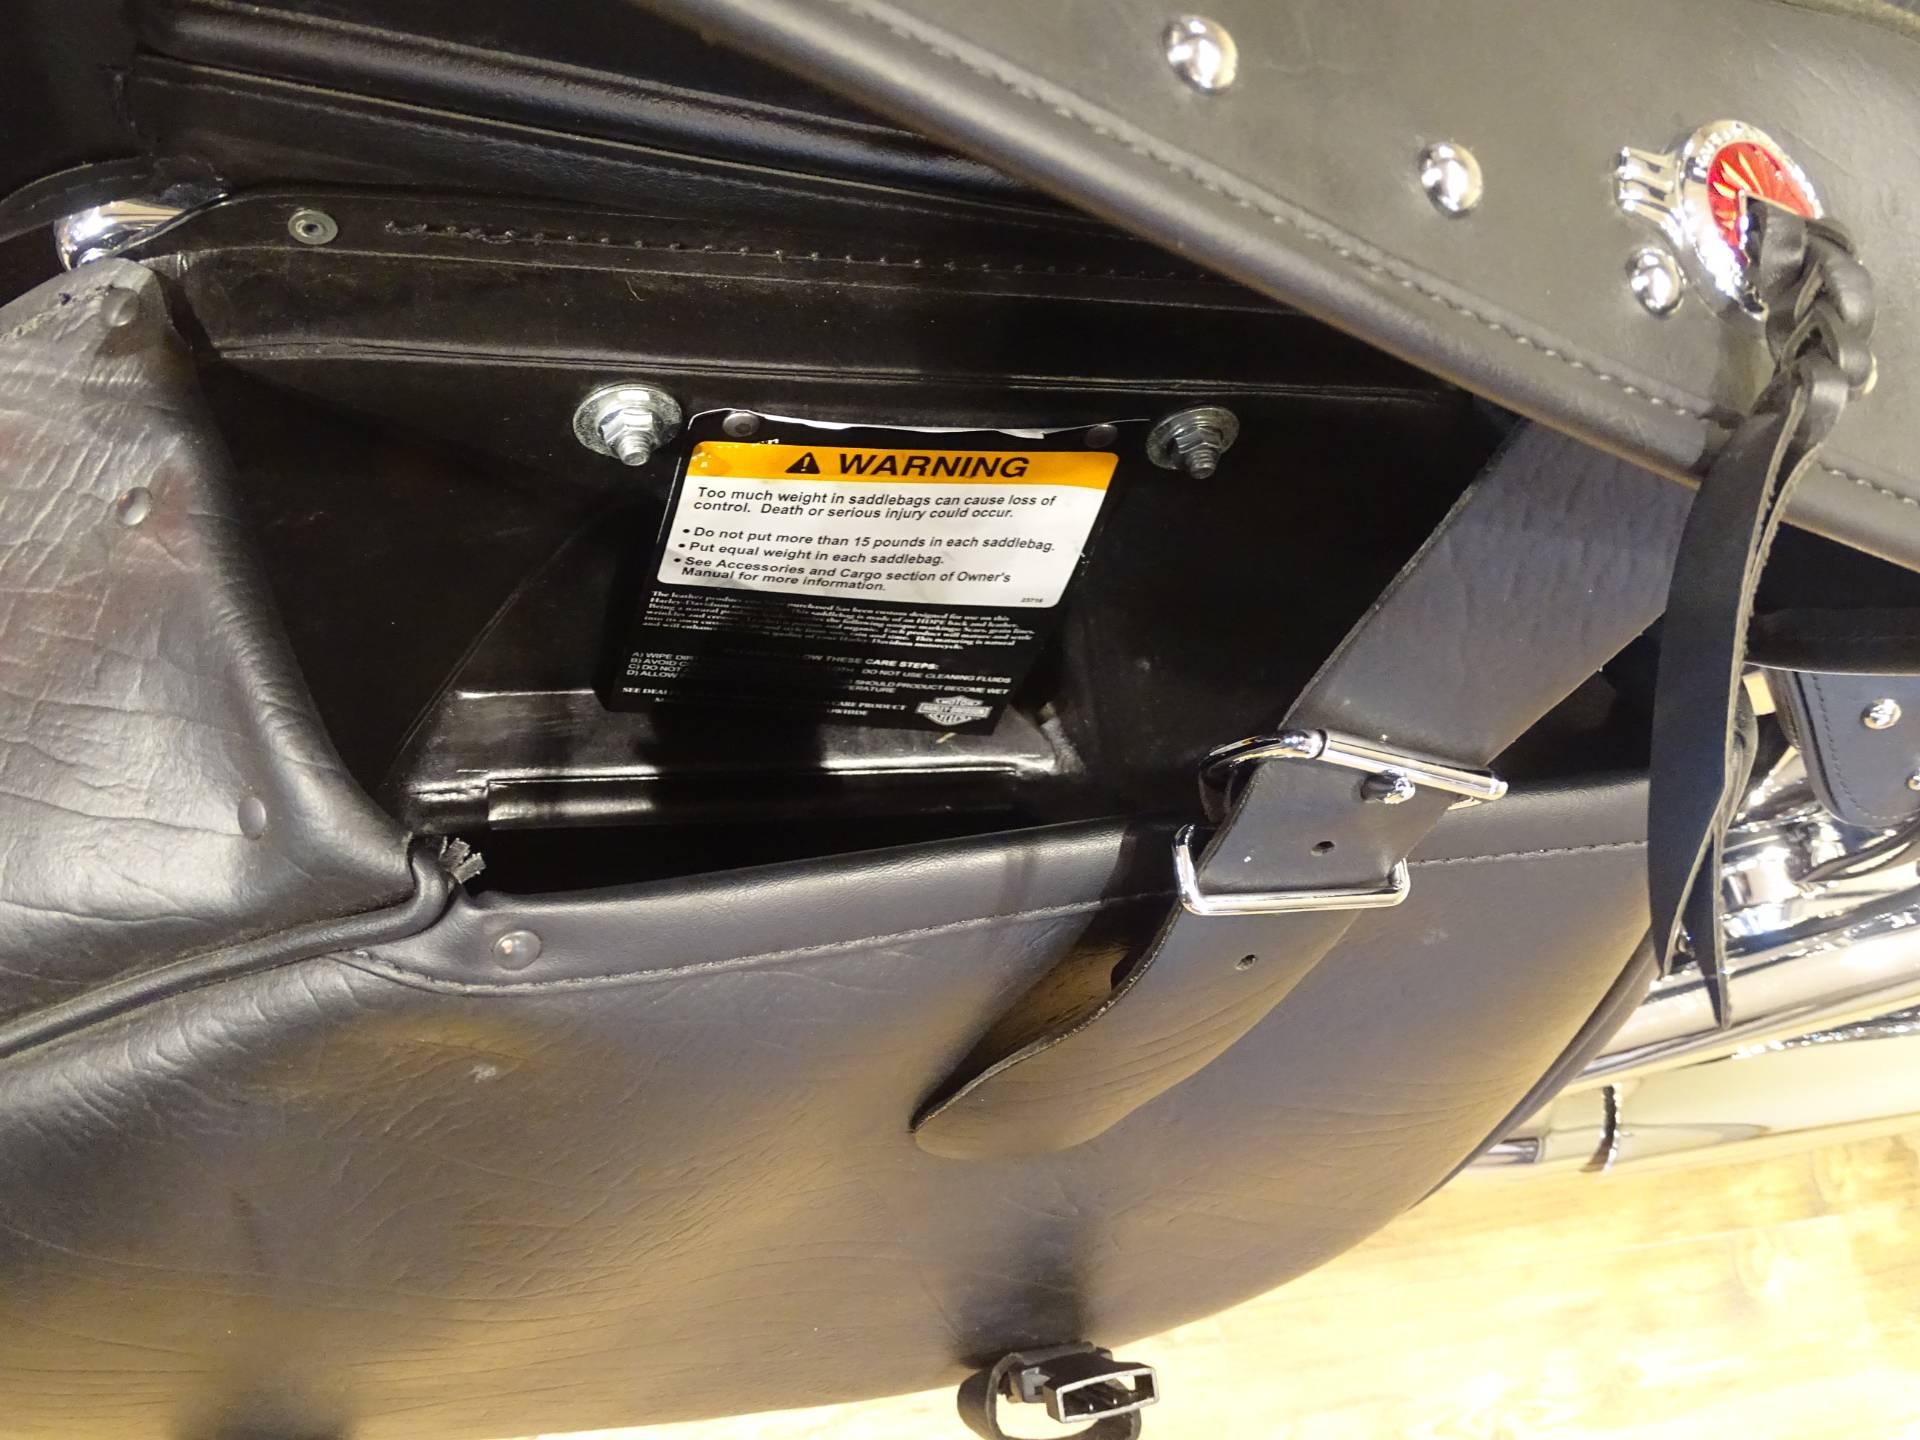 ... repair manual diestetic com Array - harley labor manual rh harley labor  manual elzplorers de